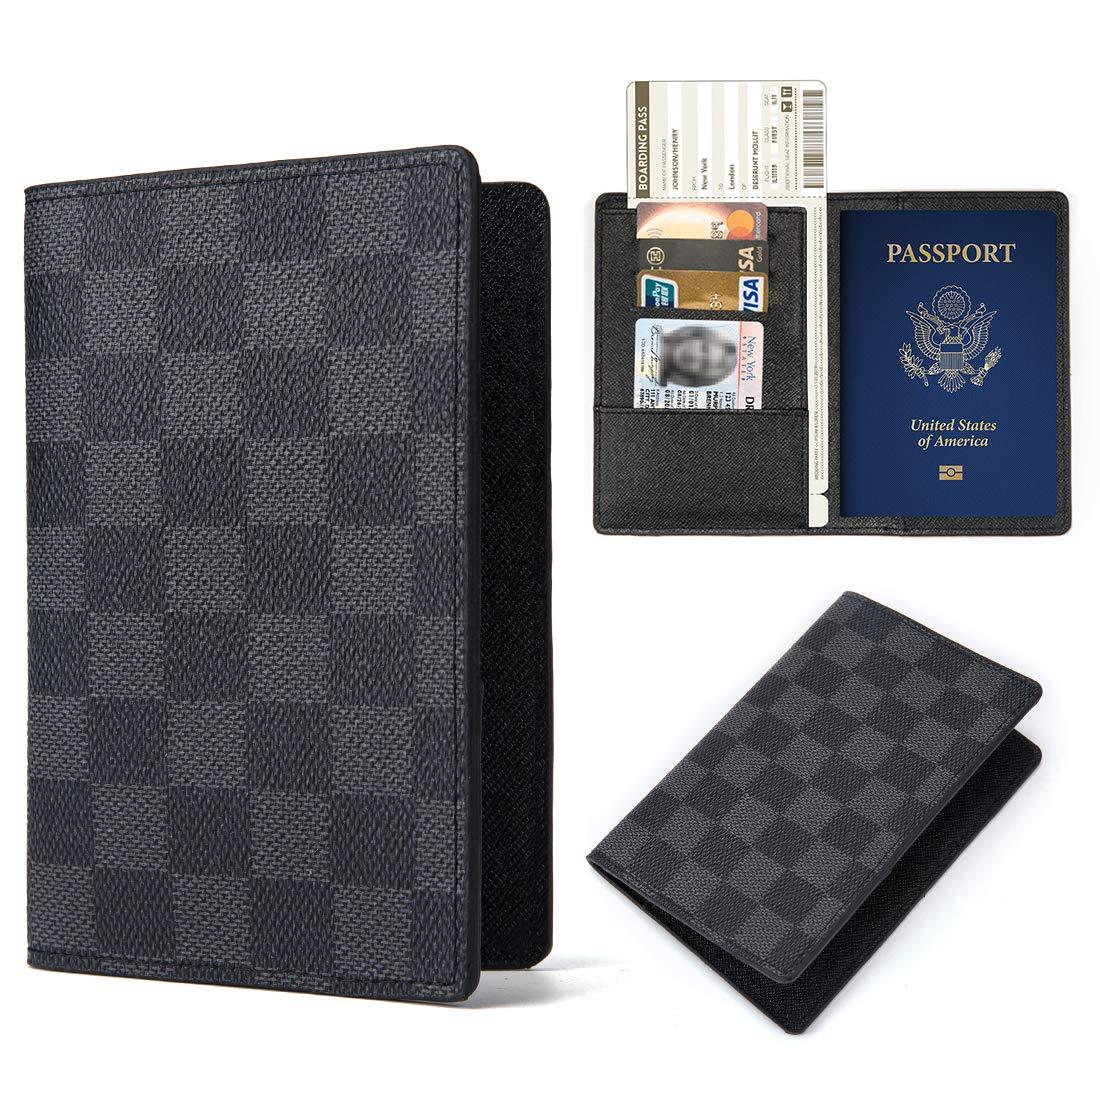 Multi-purpose Blocking Travel Passport Wallet Holder Cover Case Leather RFID Travel Organizer Card Holder Passport Flower